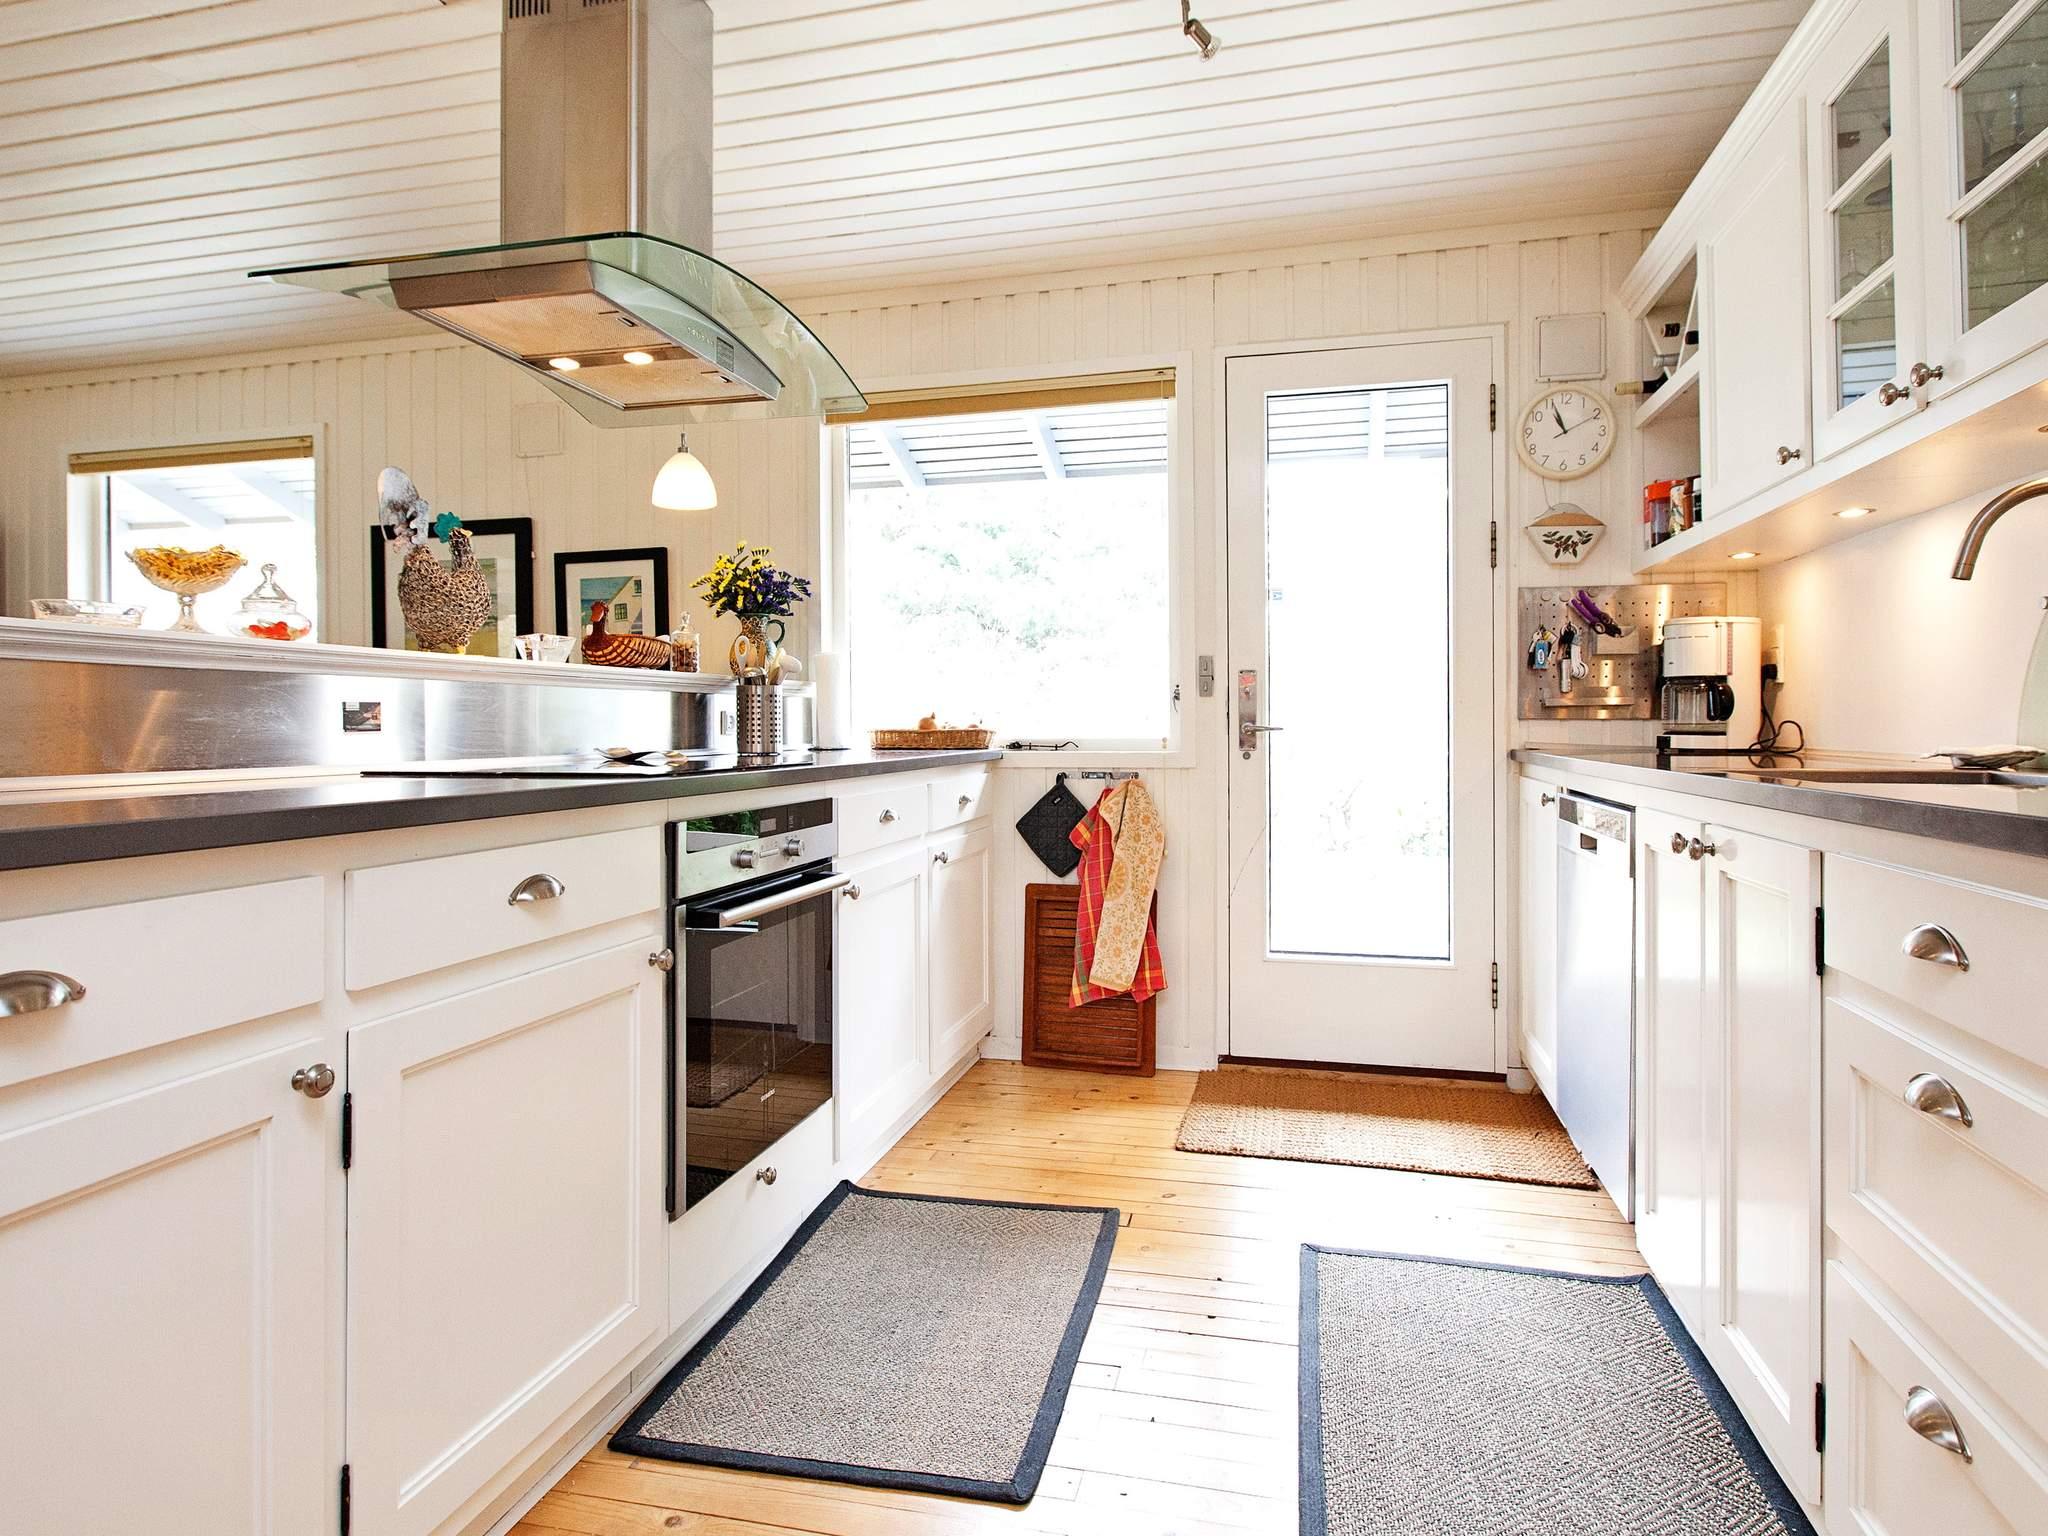 Ferienhaus Udsholt Strand (87426), Udsholt, , Nordseeland, Dänemark, Bild 9